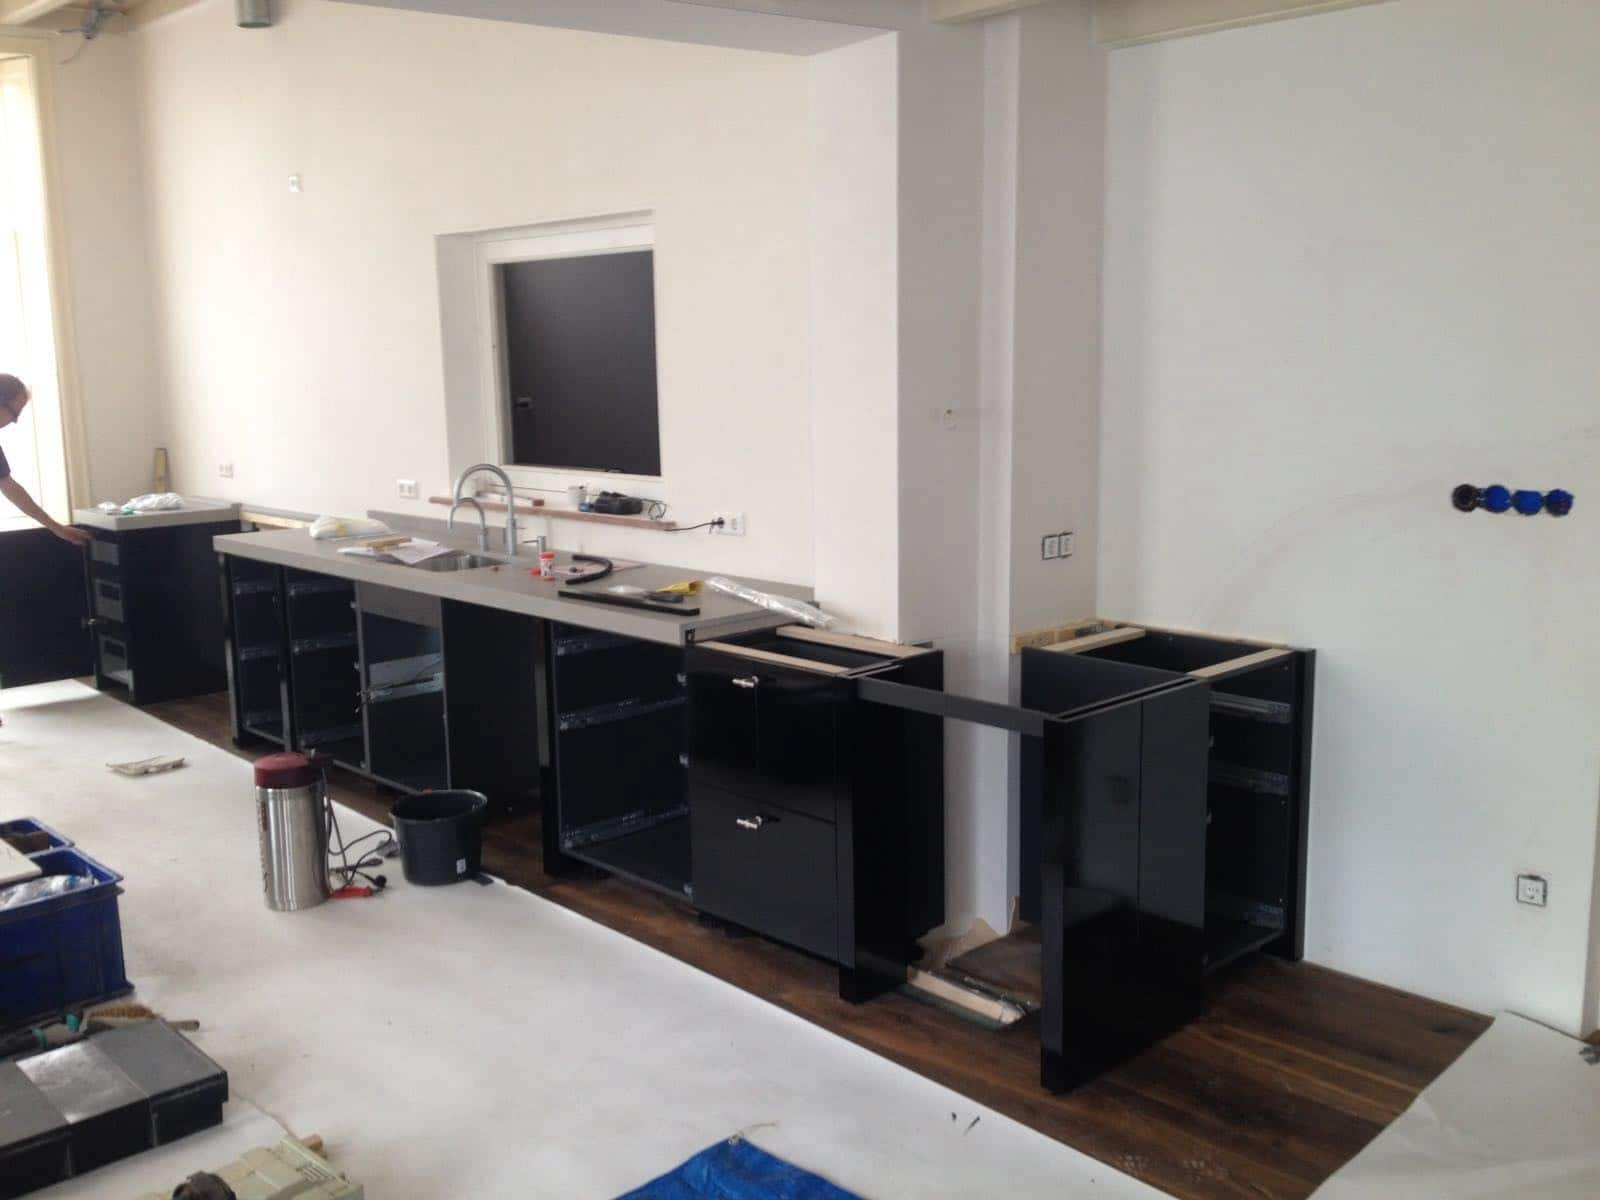 Zwart Keuken Fornuis : Bybeelen private label keuken in zwart hoogglans keukenstudio beelen